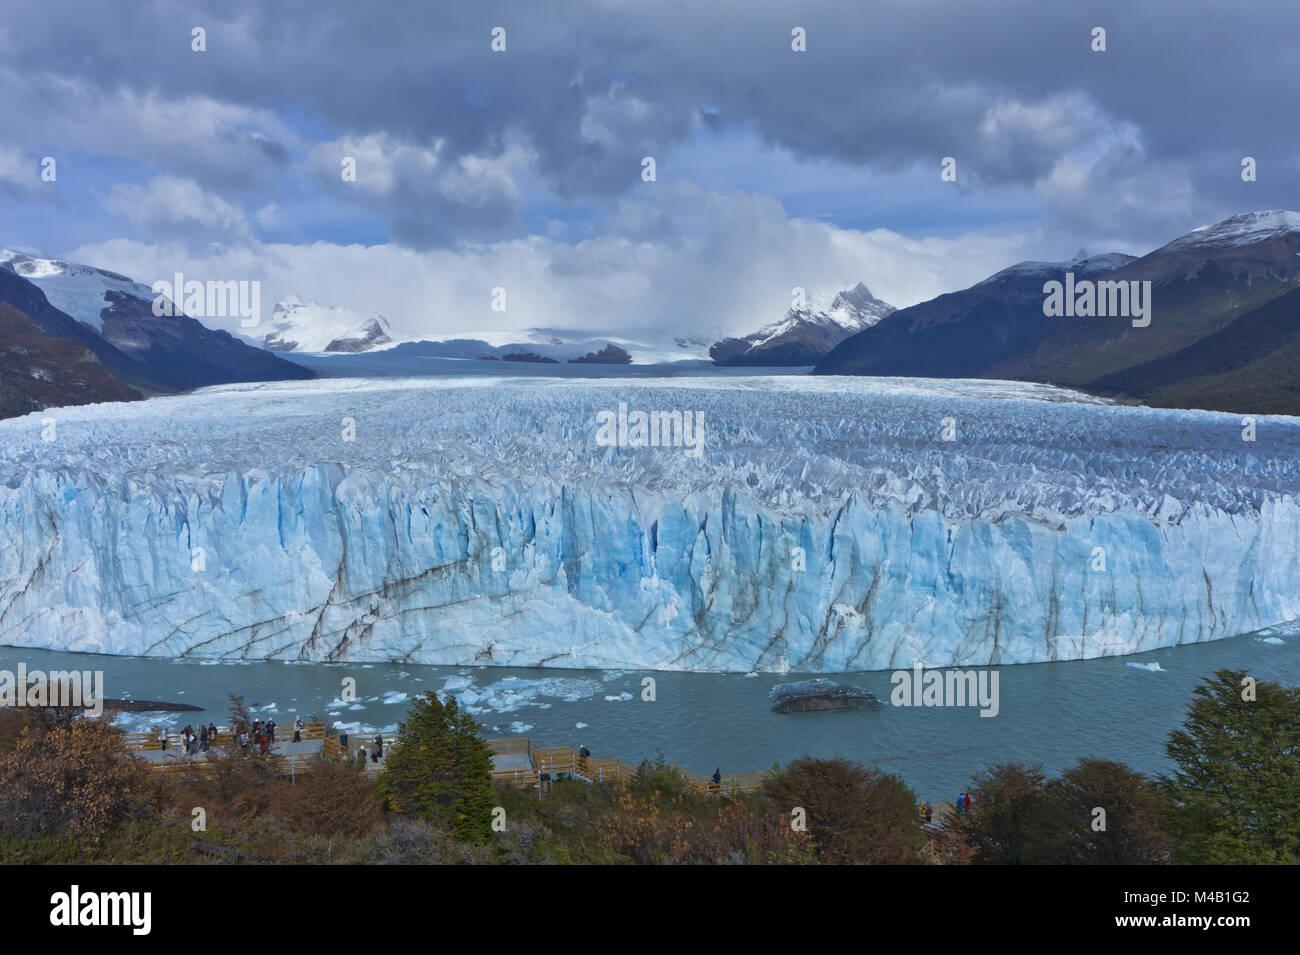 Blaue Gletscher, Patagonien, Argentinien, Südamerika Stockbild